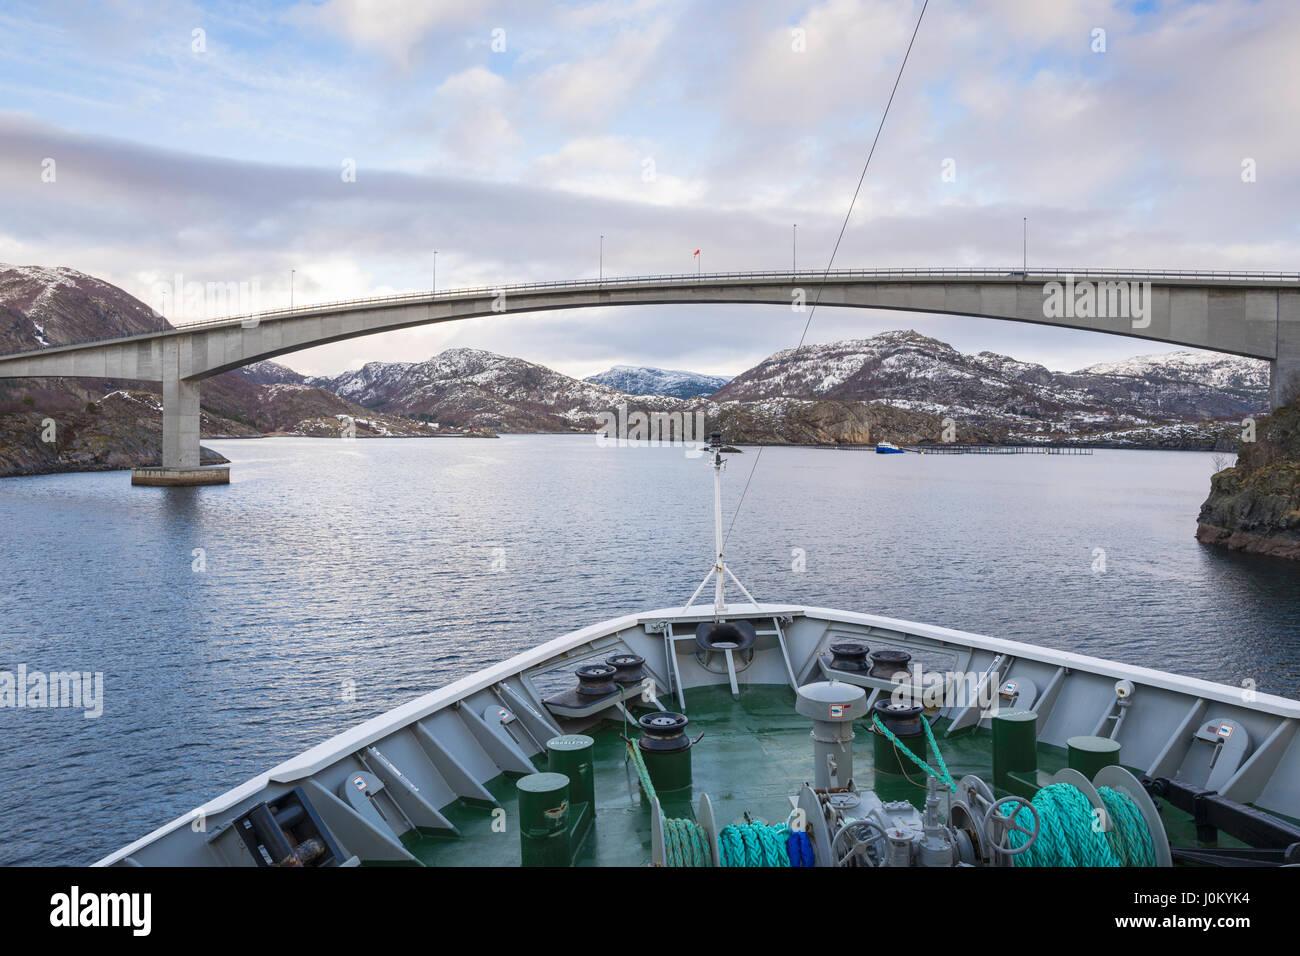 Navire Hurtigruten, Mme Richard avec, fait son chemin à travers l'étroit détroit de Stokksund, la Norvège, sous l'autoroute 723 Pont à Stokknes. Banque D'Images